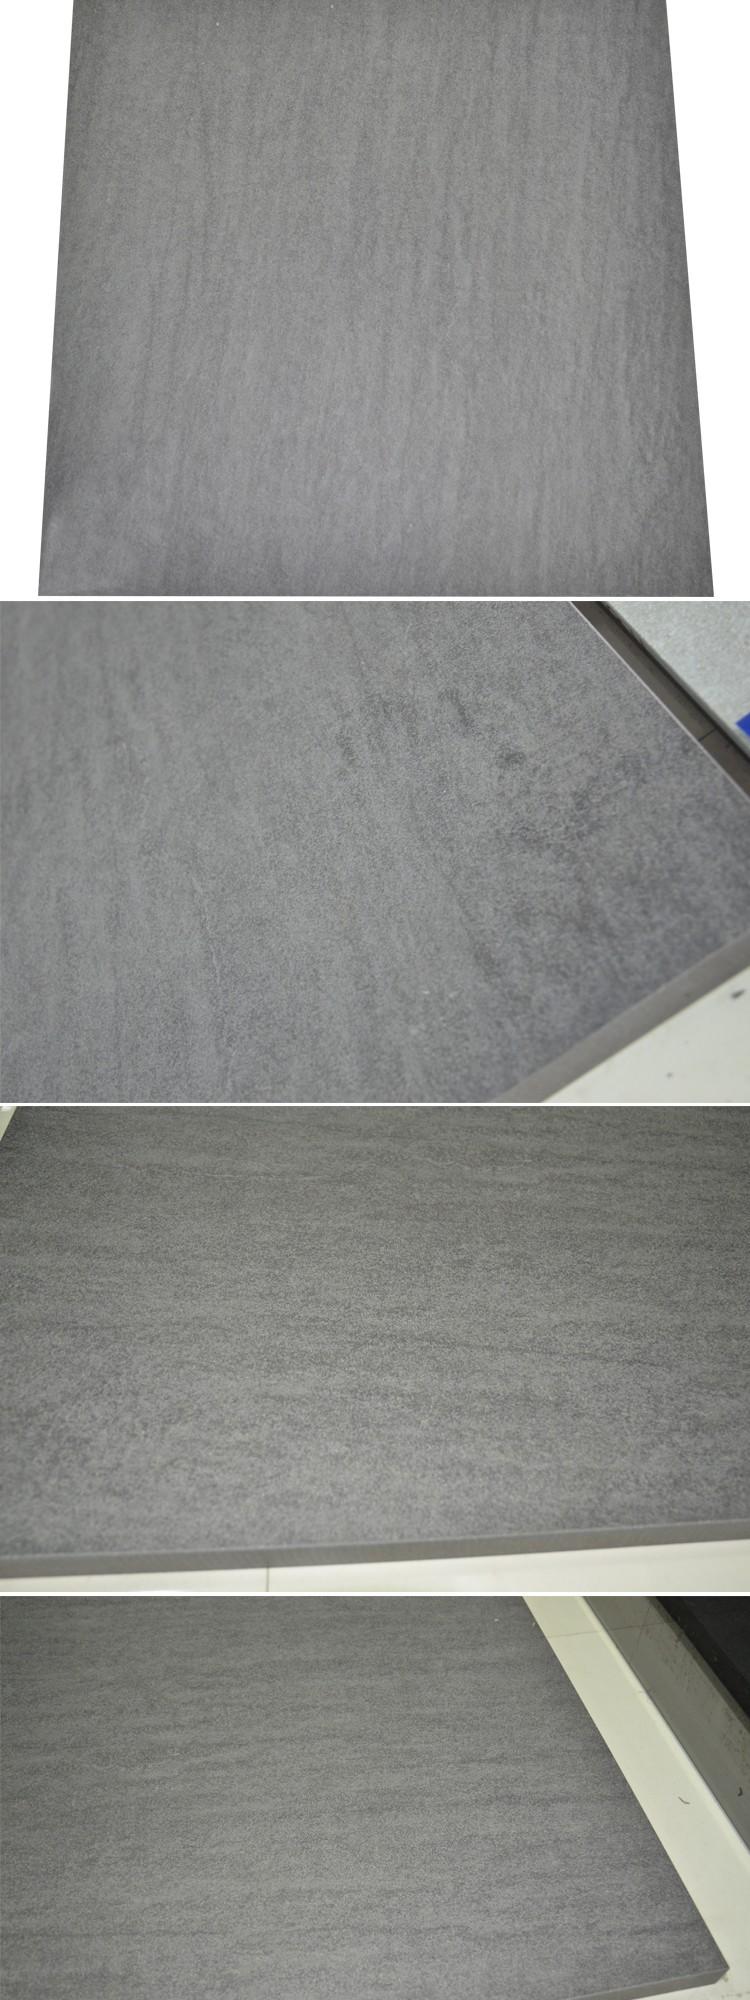 ha602u 20mm fliesen zement für garage preis - buy fliesen für garage